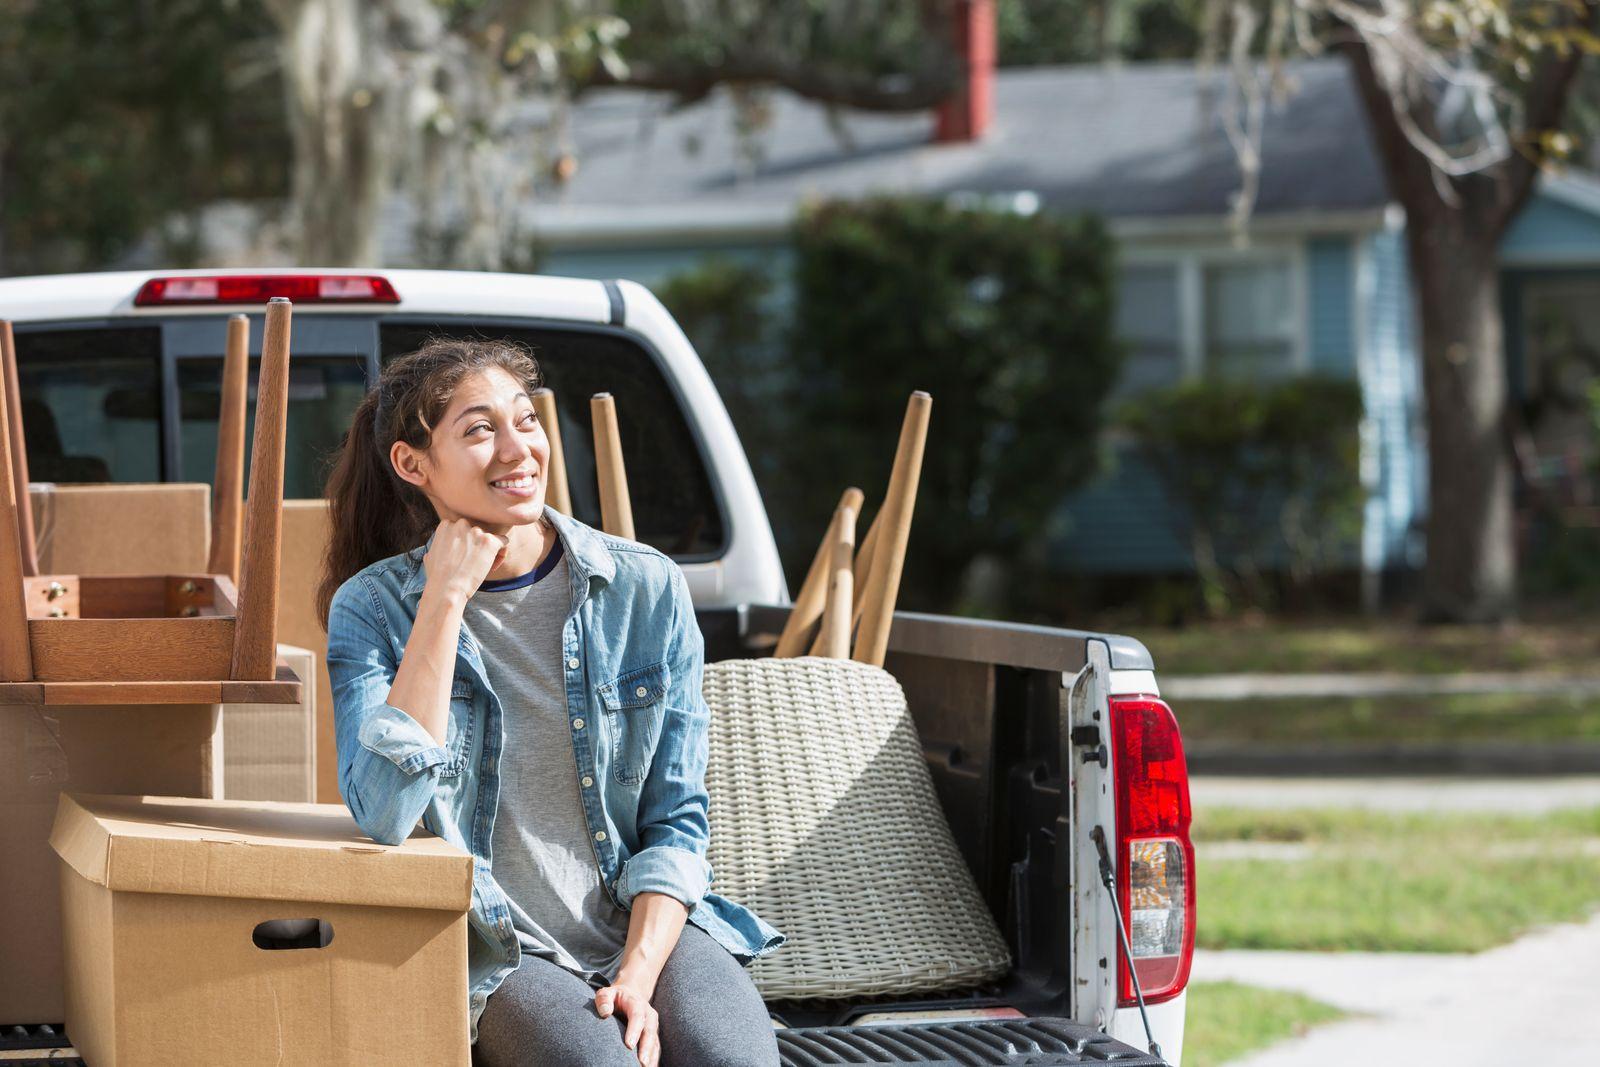 jeune femme assise dans une camionnette avec des boîtes de déménagement